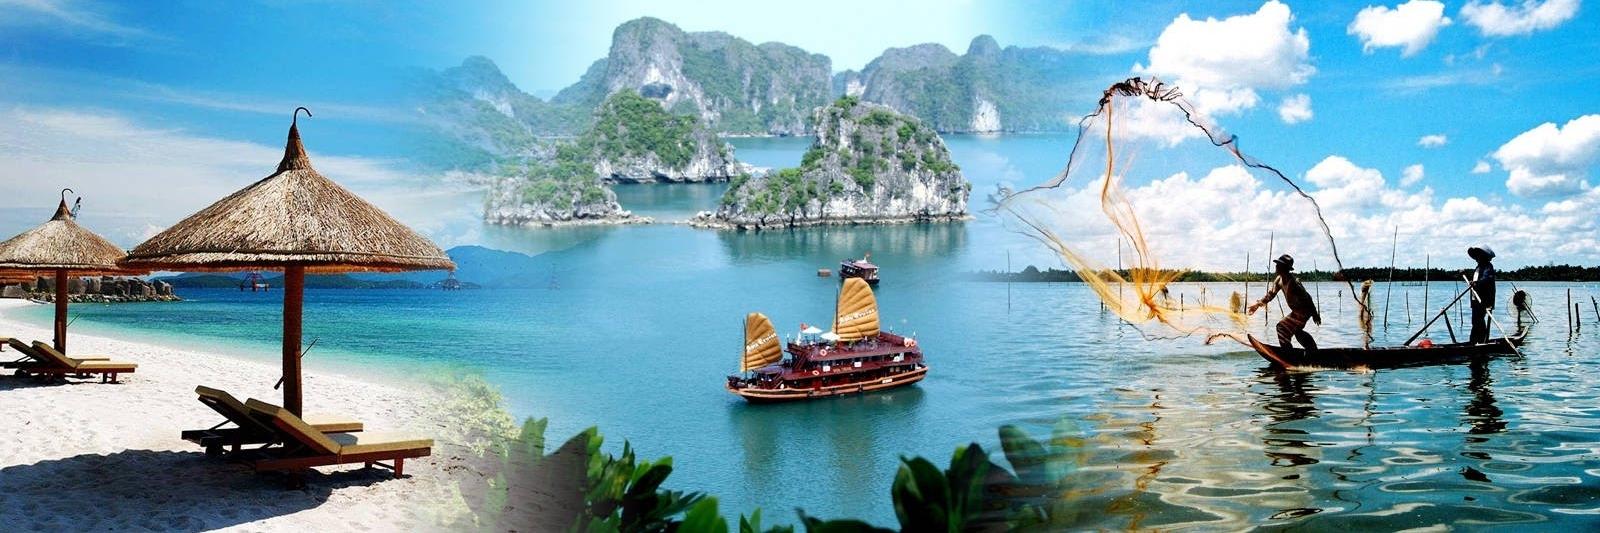 https://gody.vn/blog/nhu.bach7672/post/du-lich-viet-nam-nhung-diem-den-khong-the-bo-qua-trong-nam-2019-1969